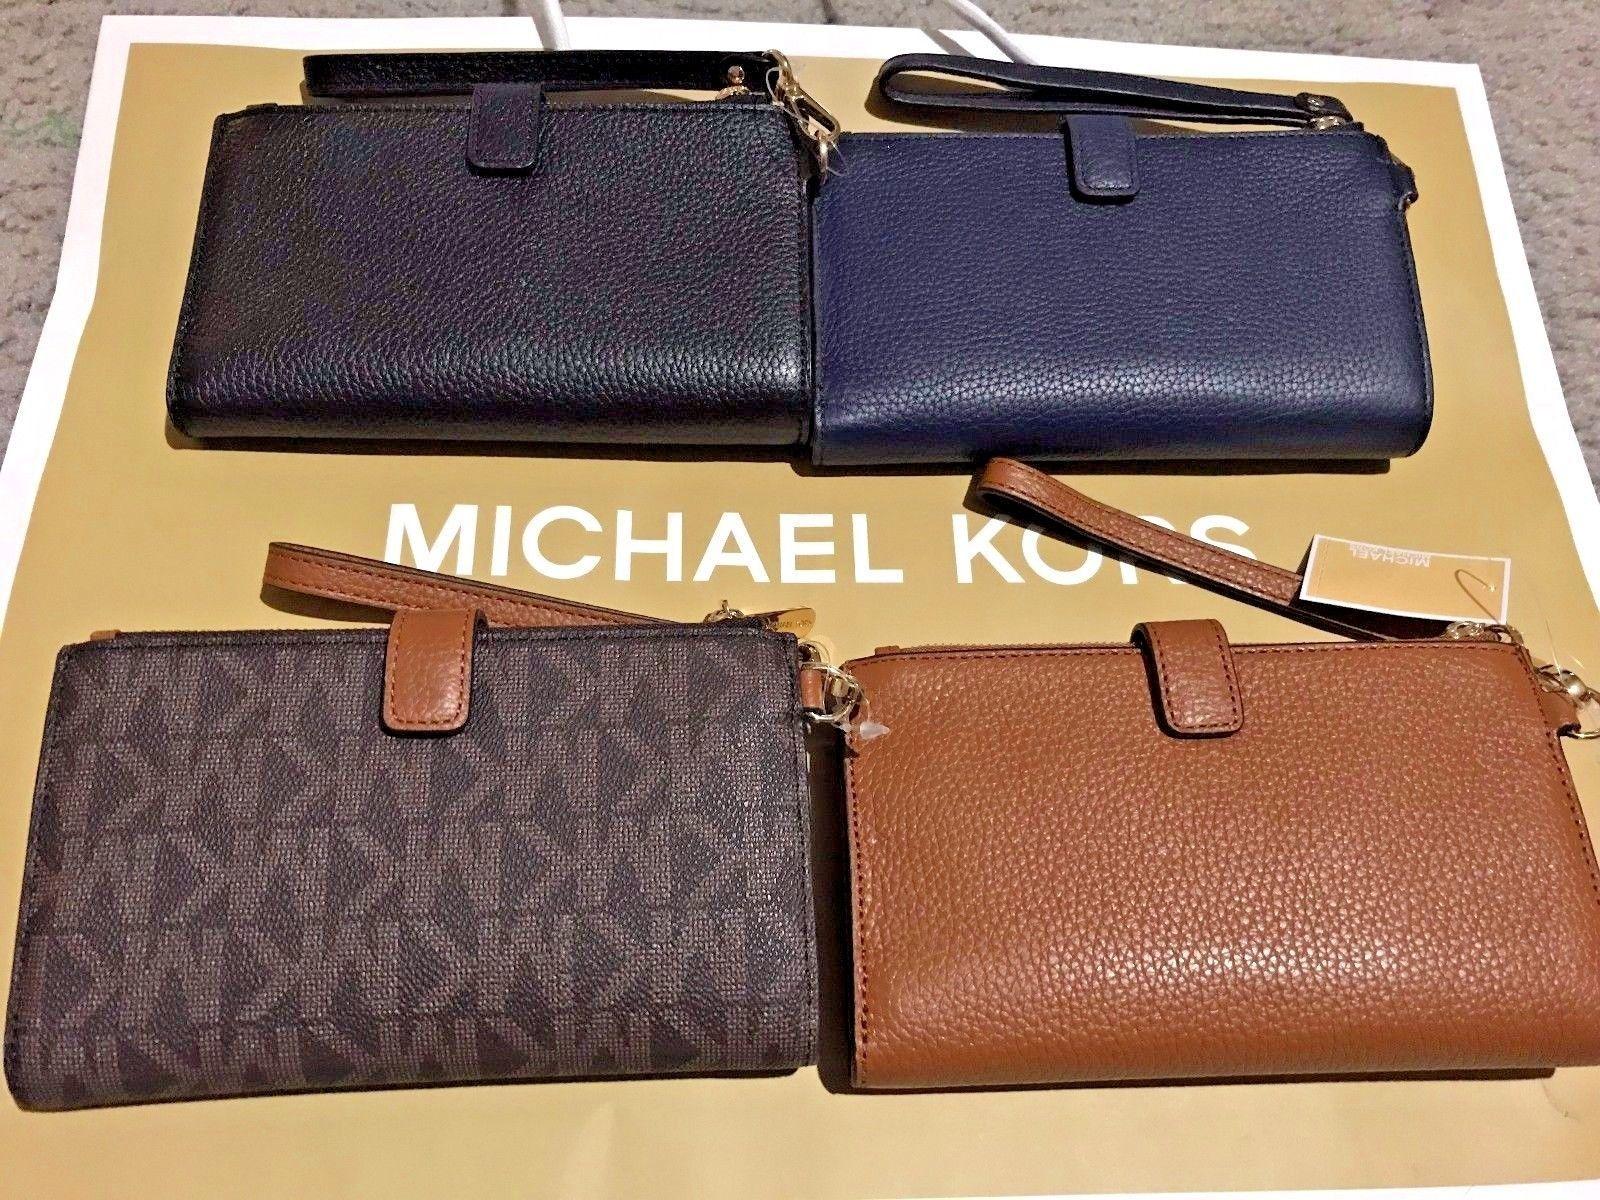 36210283e408 NWT Michael Kors Leather PVC Jet Set Travel Double Zip Wallet Wristlet 4  Colors